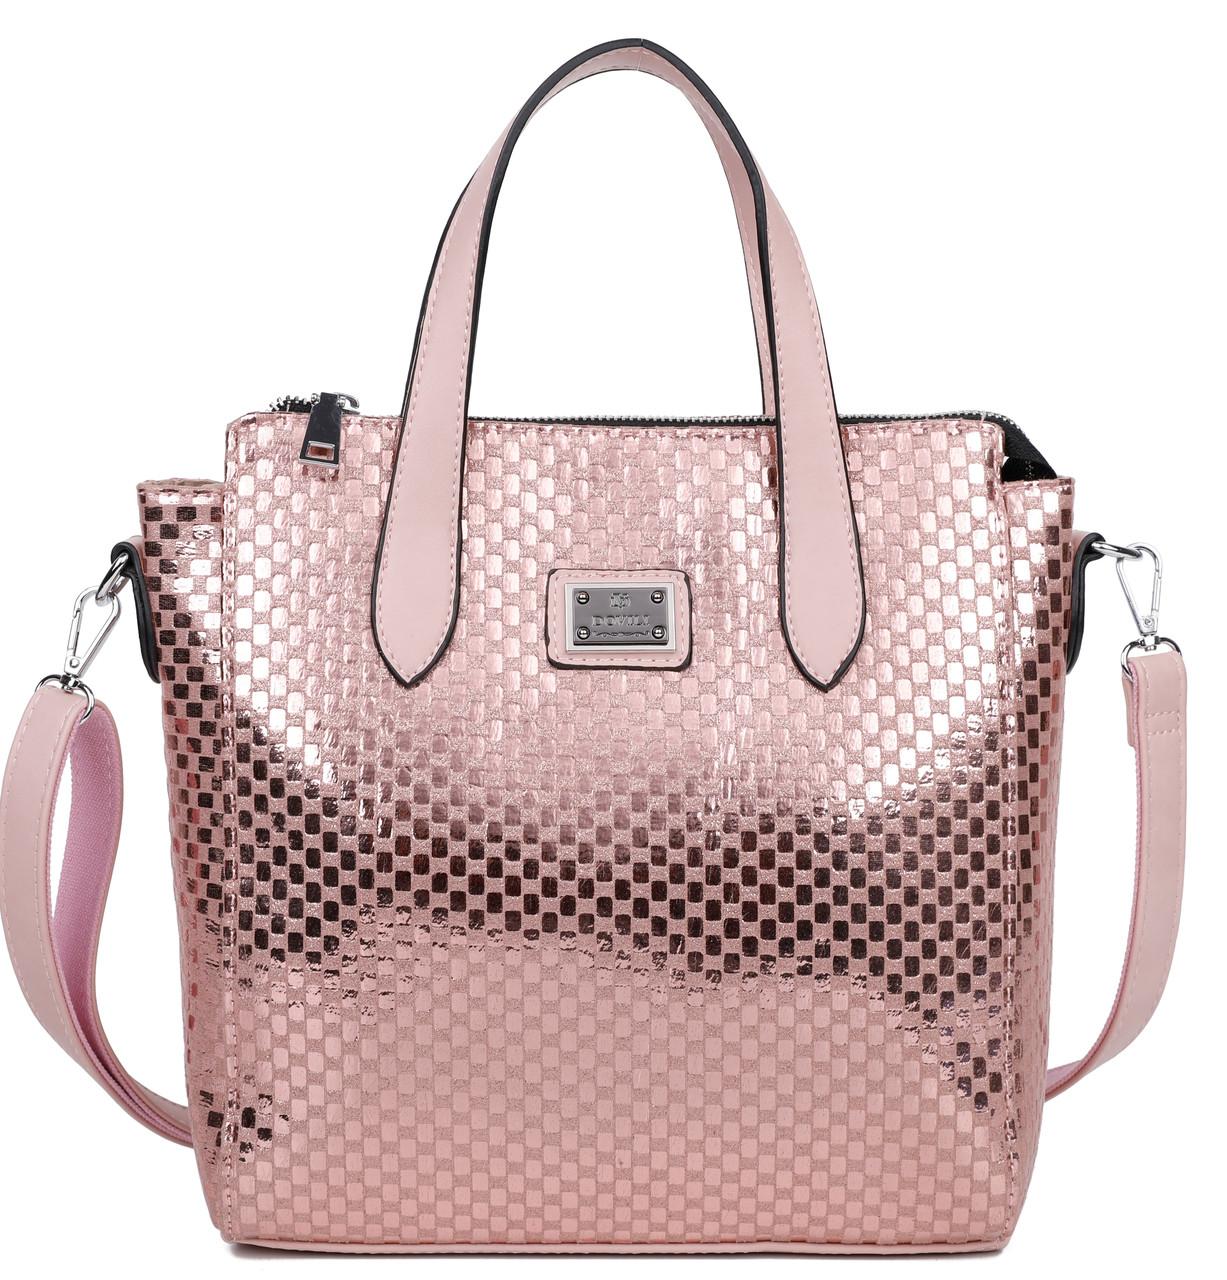 5a4630b5afd3 Женская сумка 5041 Pink. Купить сумку женскую недорого - Интернет магазин